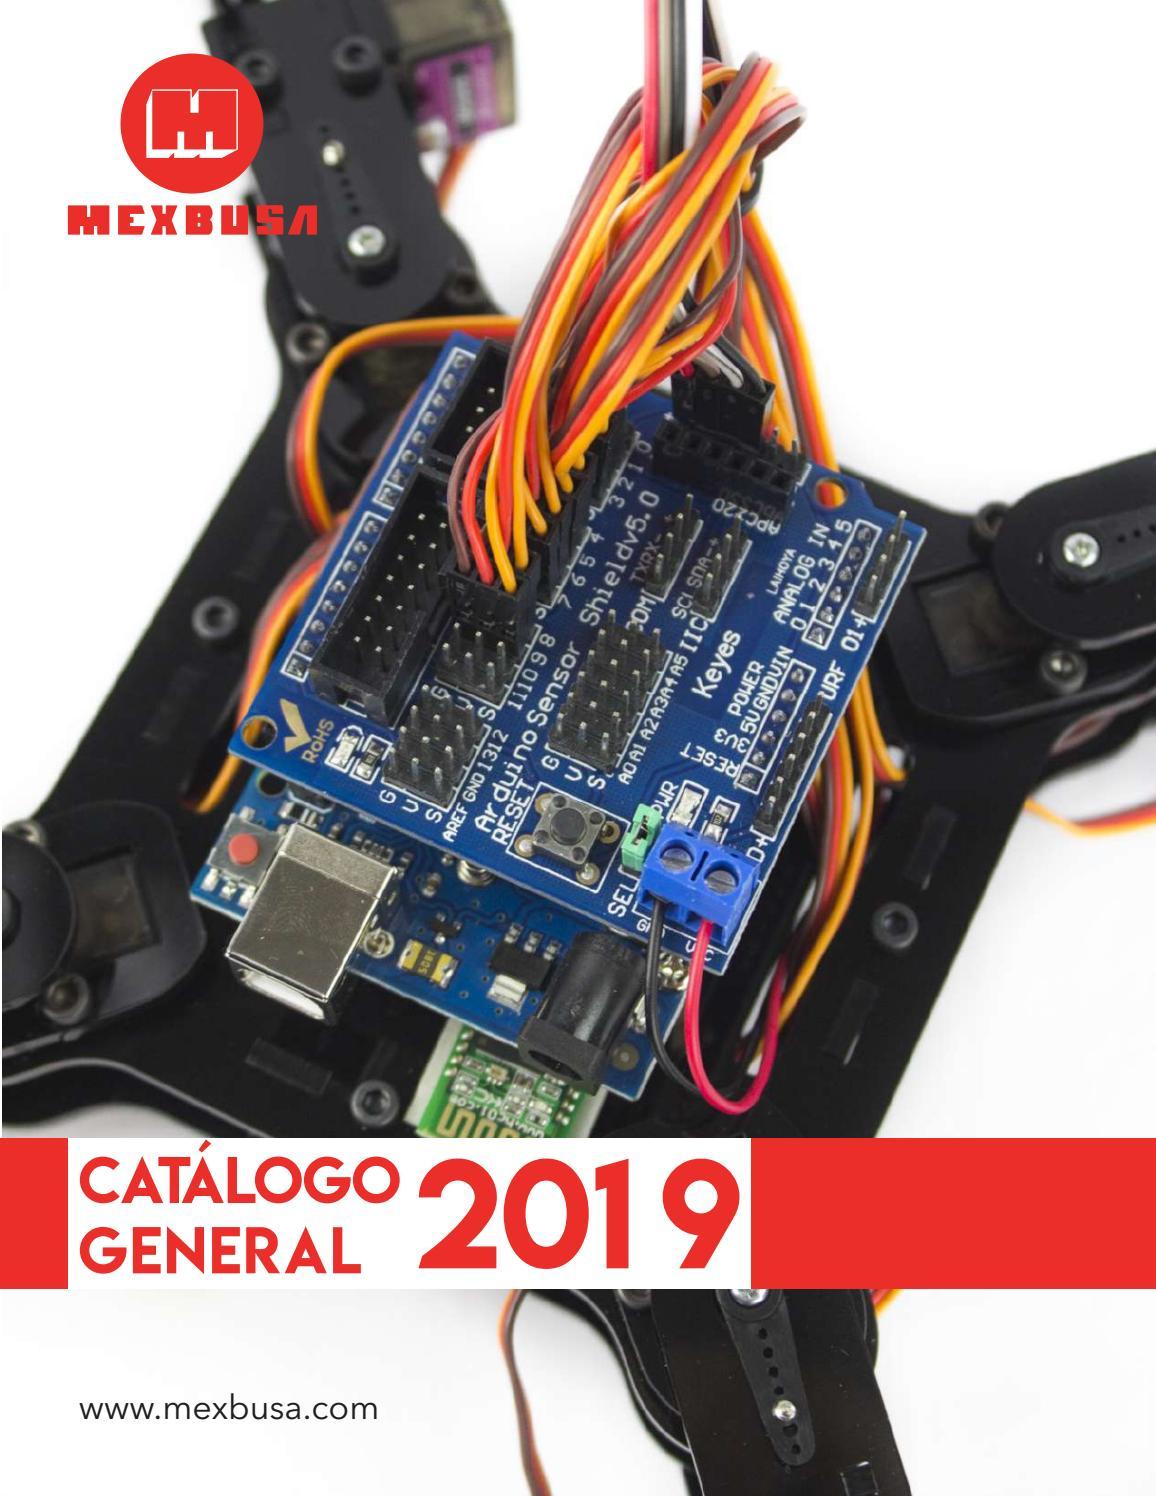 + - o Gatillo 120db Nuevo Universal Alarma de automóvil 12V Respaldo de Batería Sirena vivos